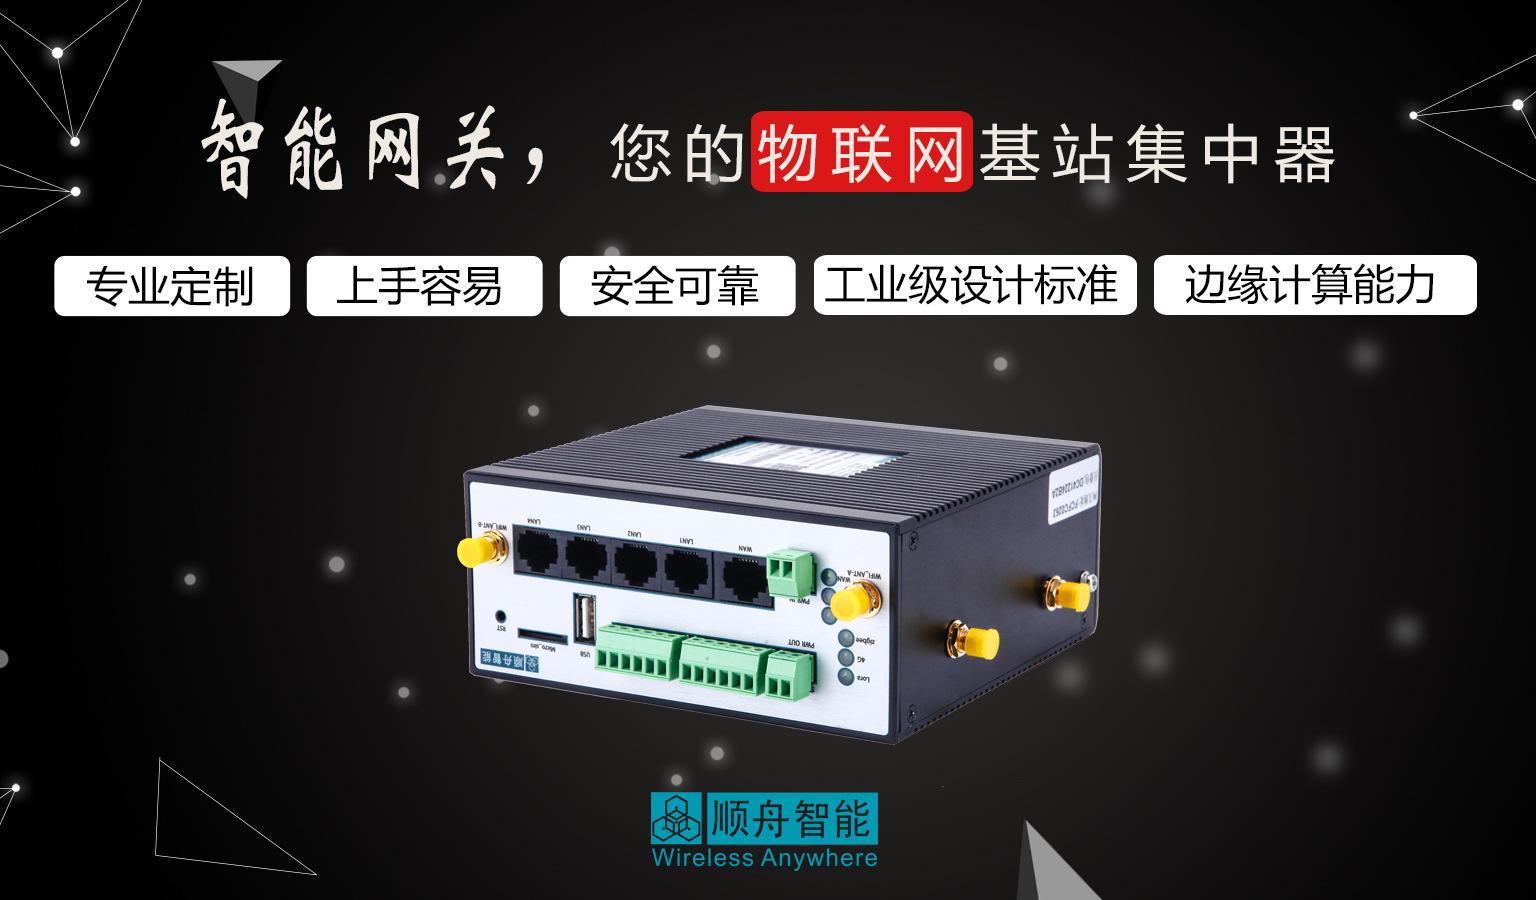 电力能源管理通讯管理机 电力自动化系统智能网关 4路WAN口通讯示例图2